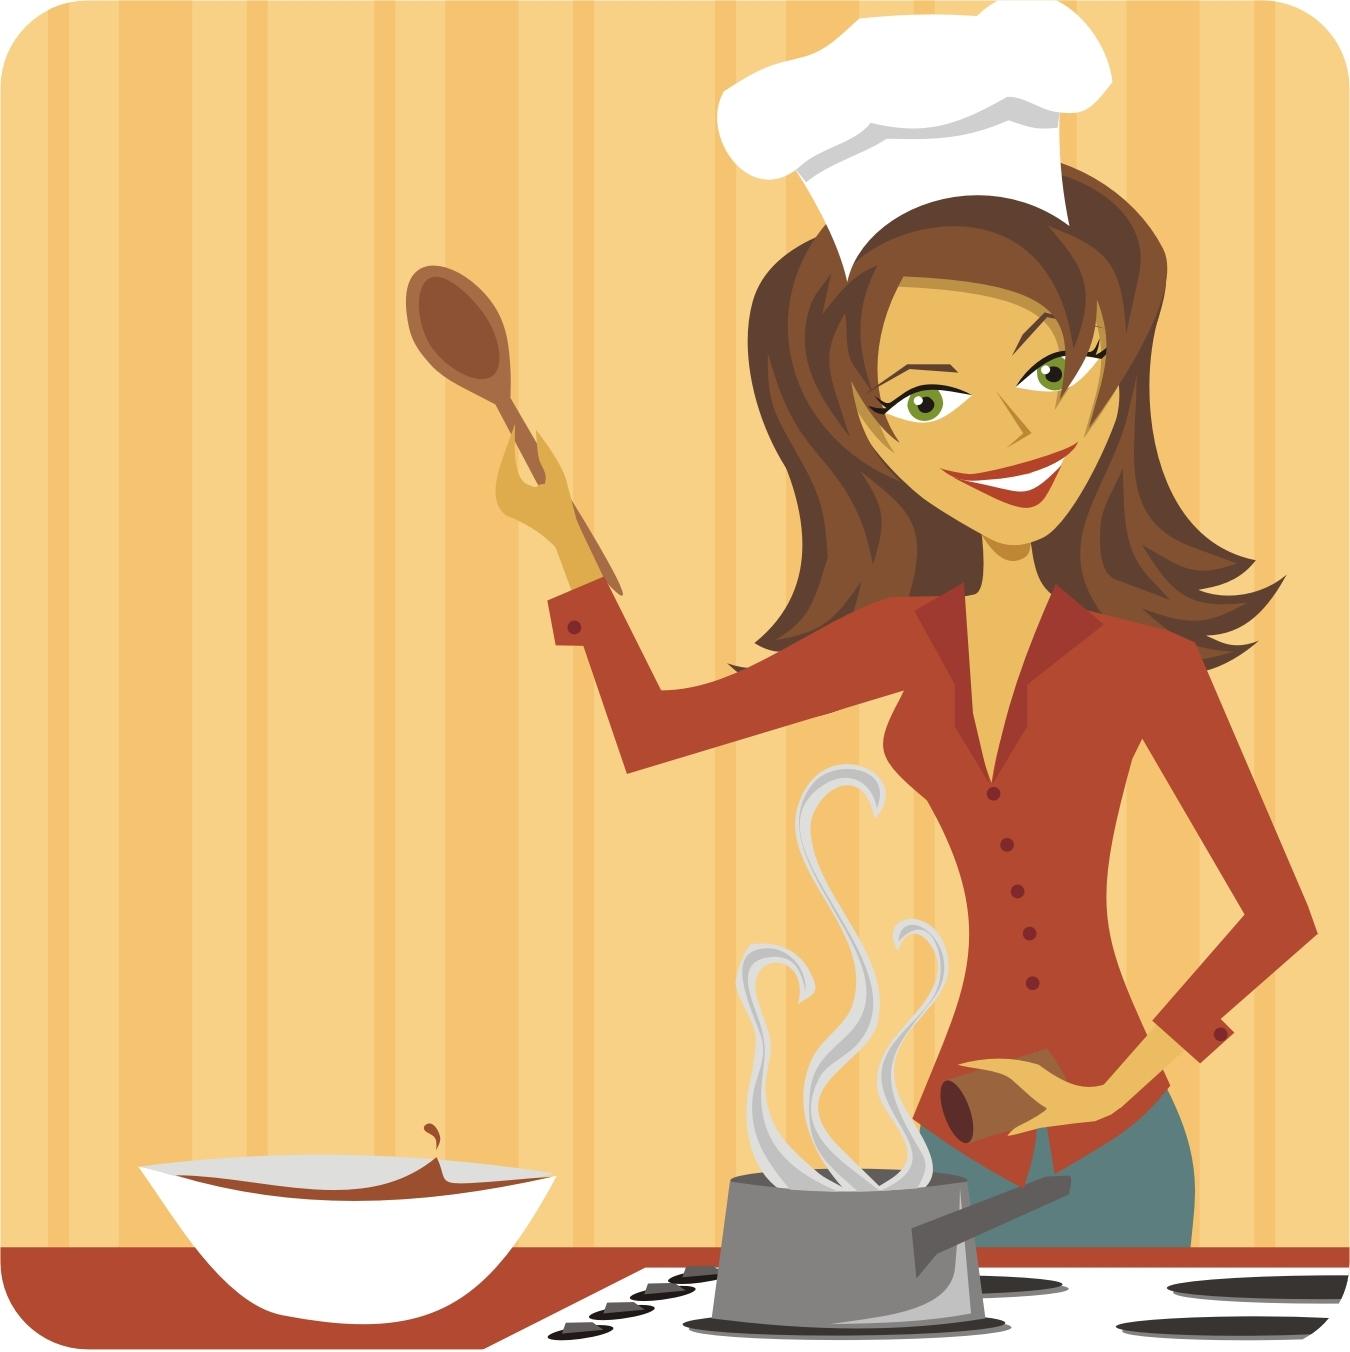 Buona vita principessa aforismi e citazioni sulla cucina - Tema sulla cucina ...